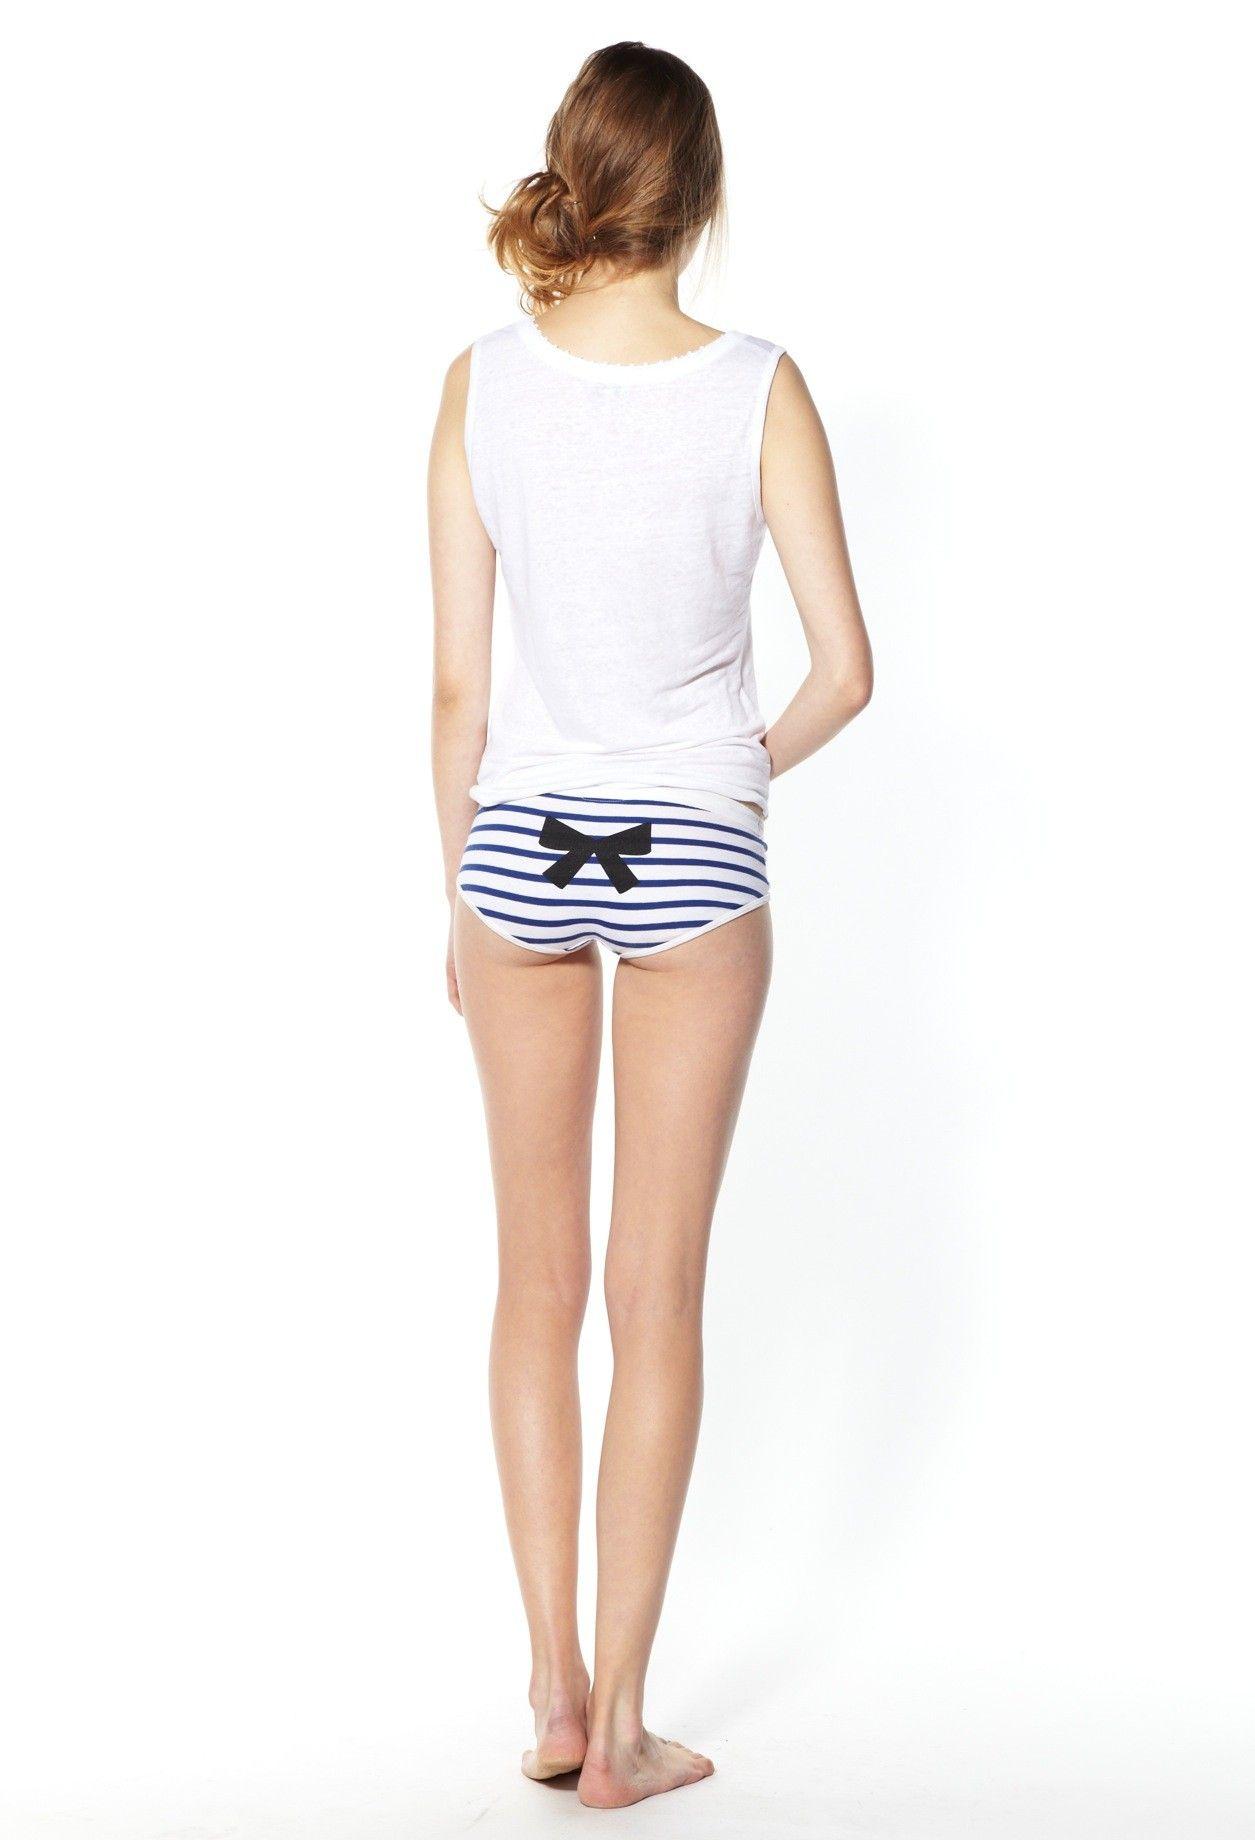 culotte le slip fran ais blancblanc claudie pierlot womanswear pinterest culotte slip et. Black Bedroom Furniture Sets. Home Design Ideas